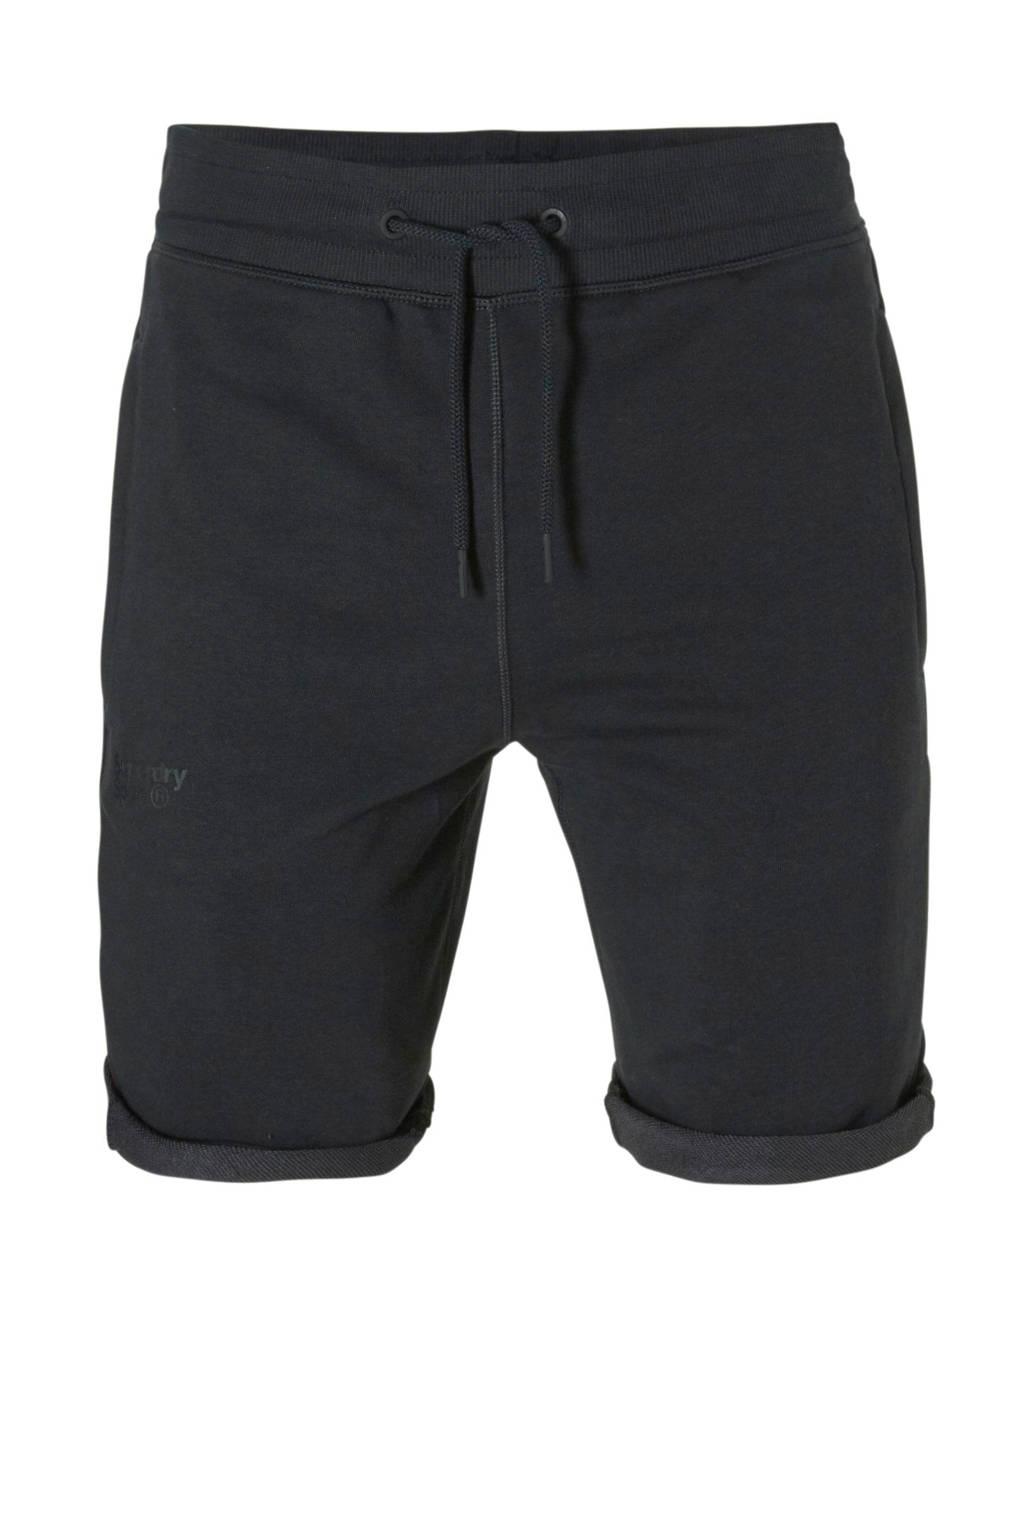 Superdry Sport   short  zwart, Zwart